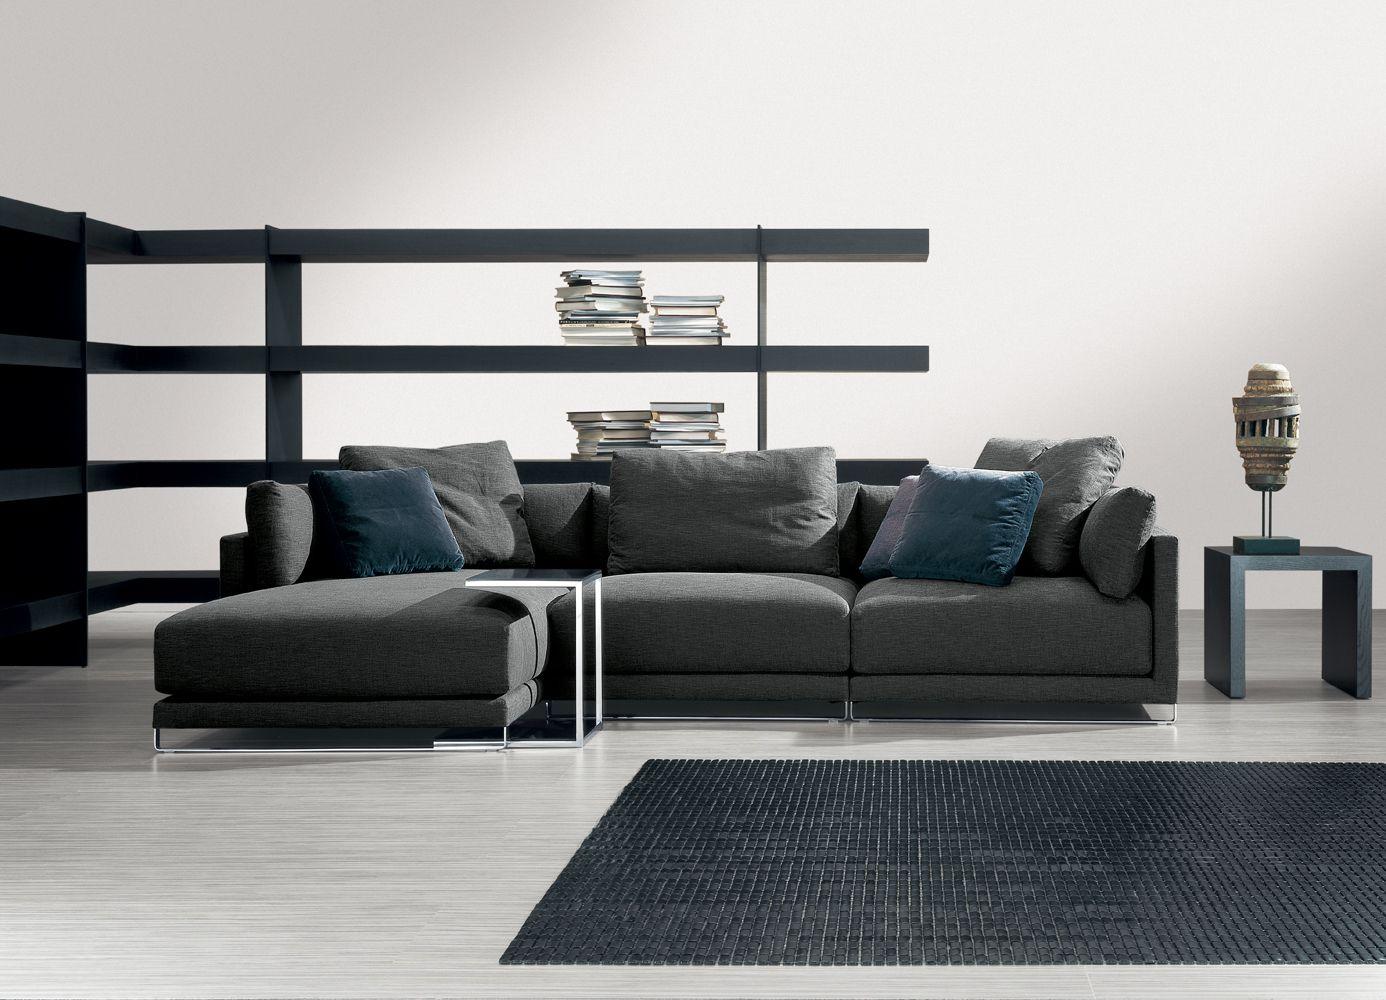 Casades s furniture design barcelona quattro - Sofas diseno barcelona ...